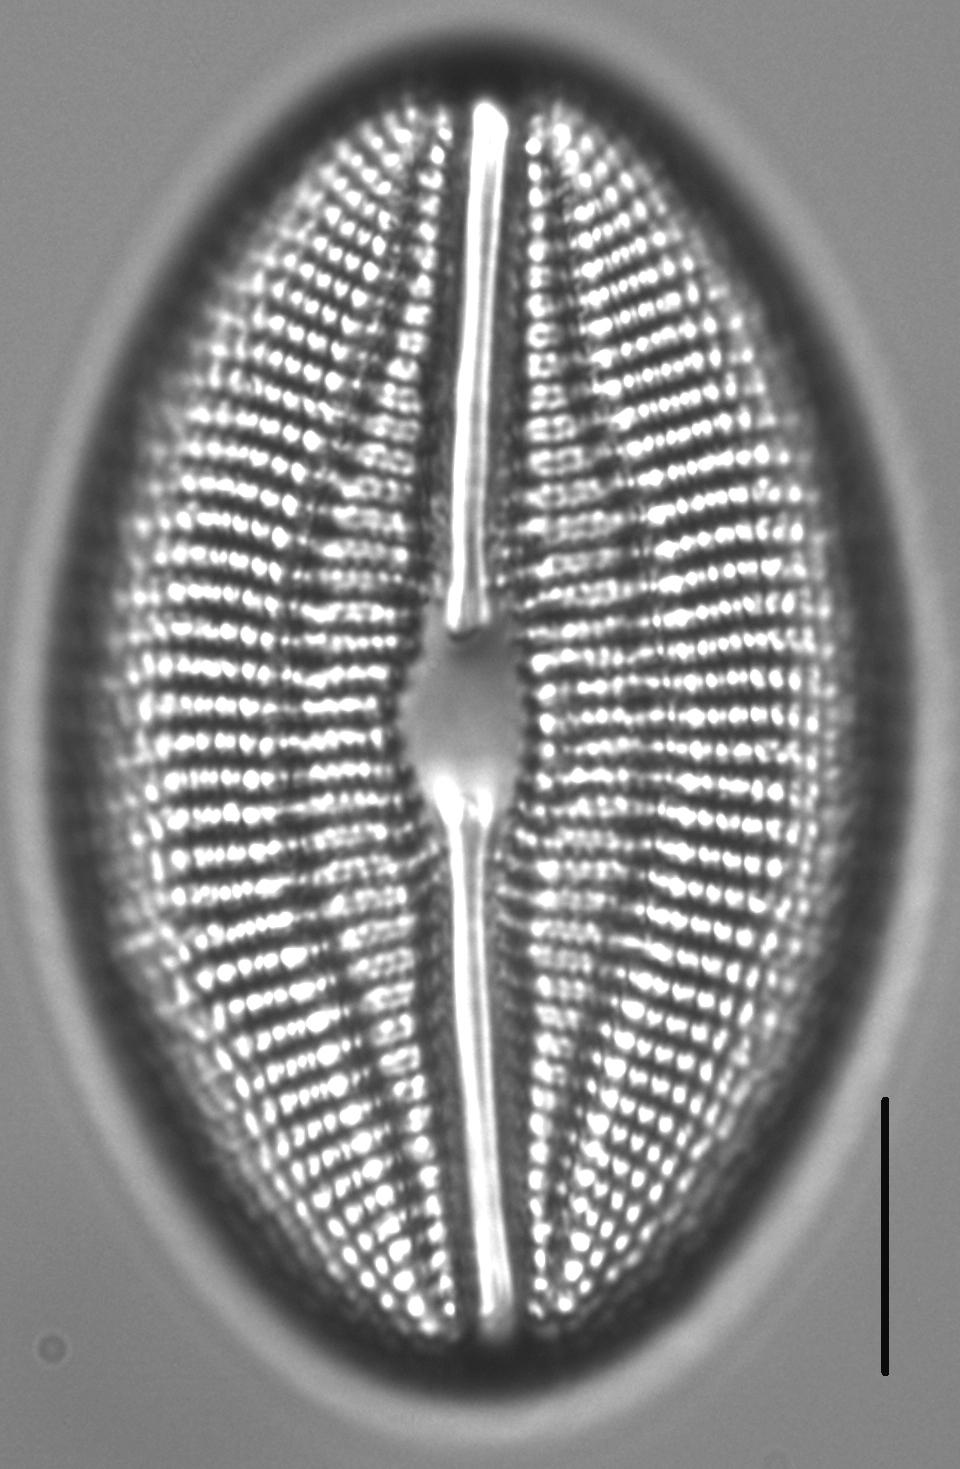 Diploneis finnica LM6